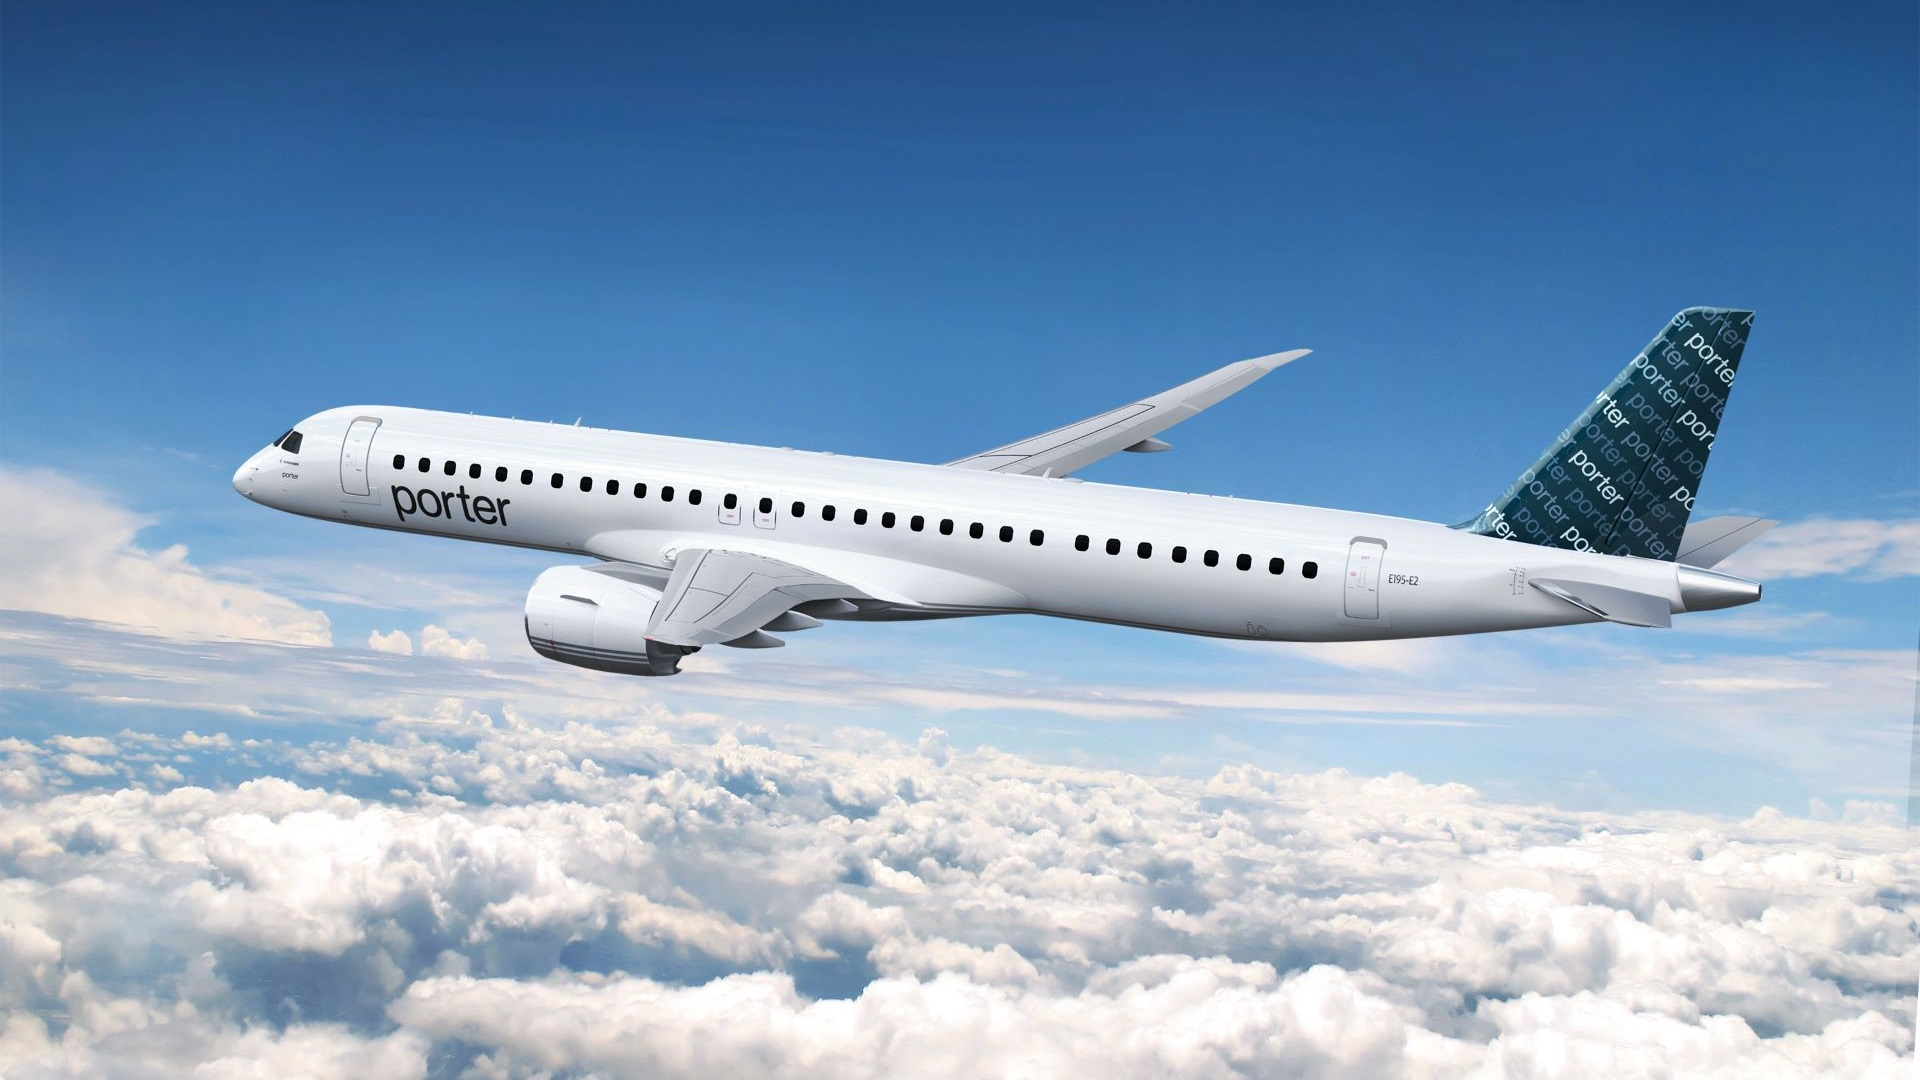 Premium Canadian Airline Porter Announces MAJOR Expansion